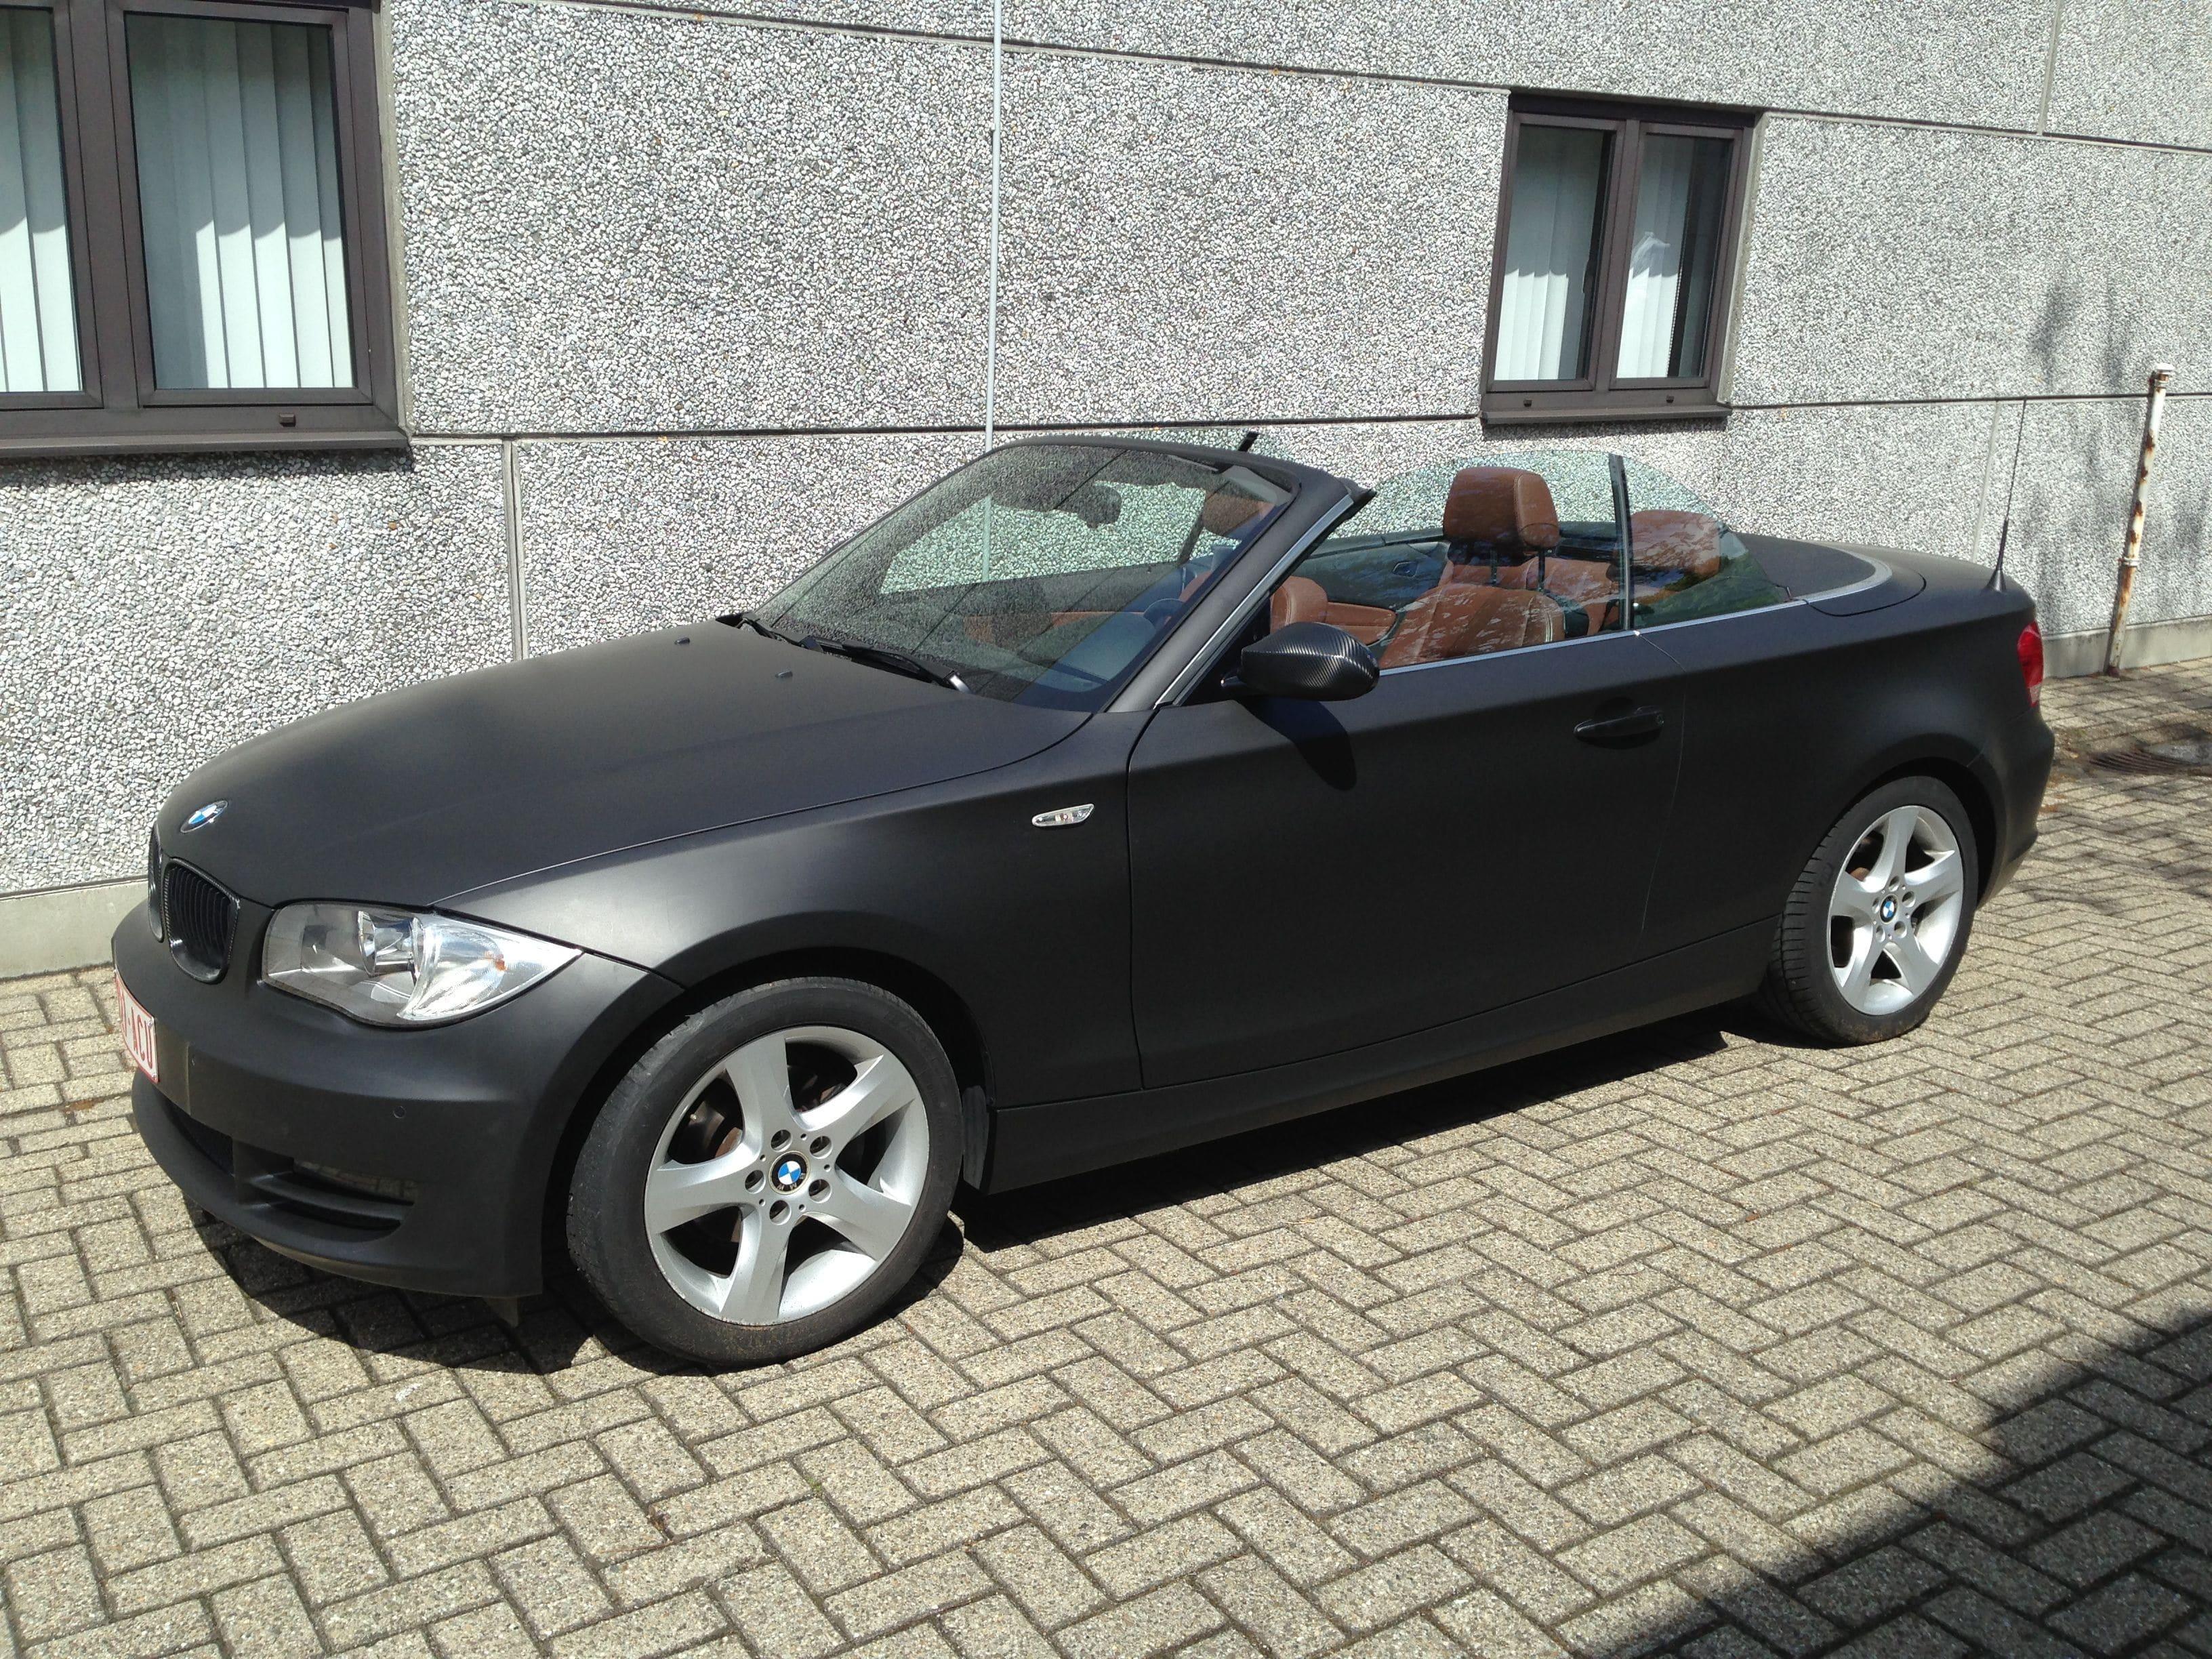 BMW 1 Serie Cabrio met Mat Zwarte Wrap, Carwrapping door Wrapmyride.nu Foto-nr:5196, ©2021